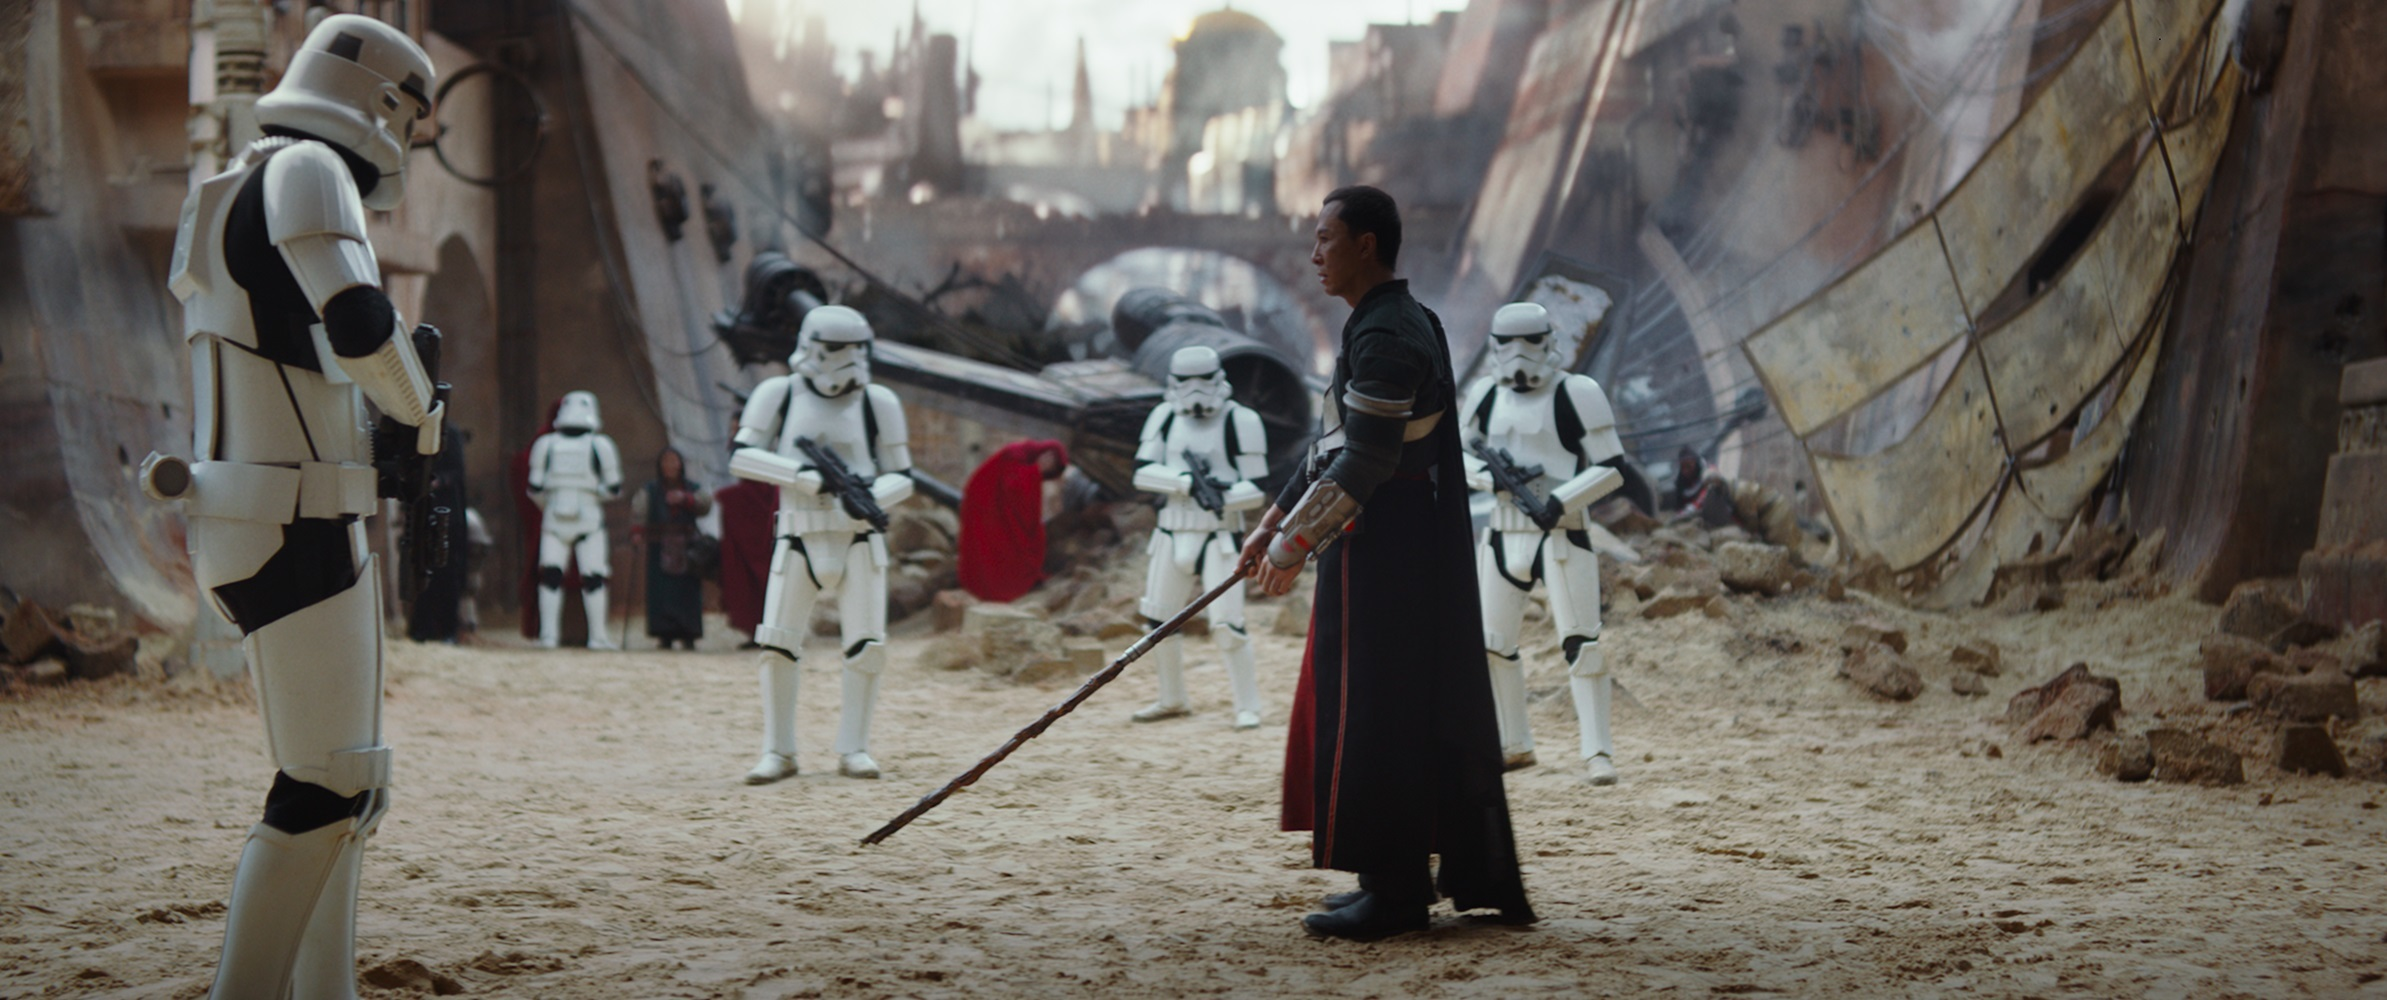 ドニー・イェン演じるチアルート・イムウェ 棒きれでストームトルーパーをなぎ倒していく (C) 2016 Lucasfilm Ltd. All Rights Reserved.